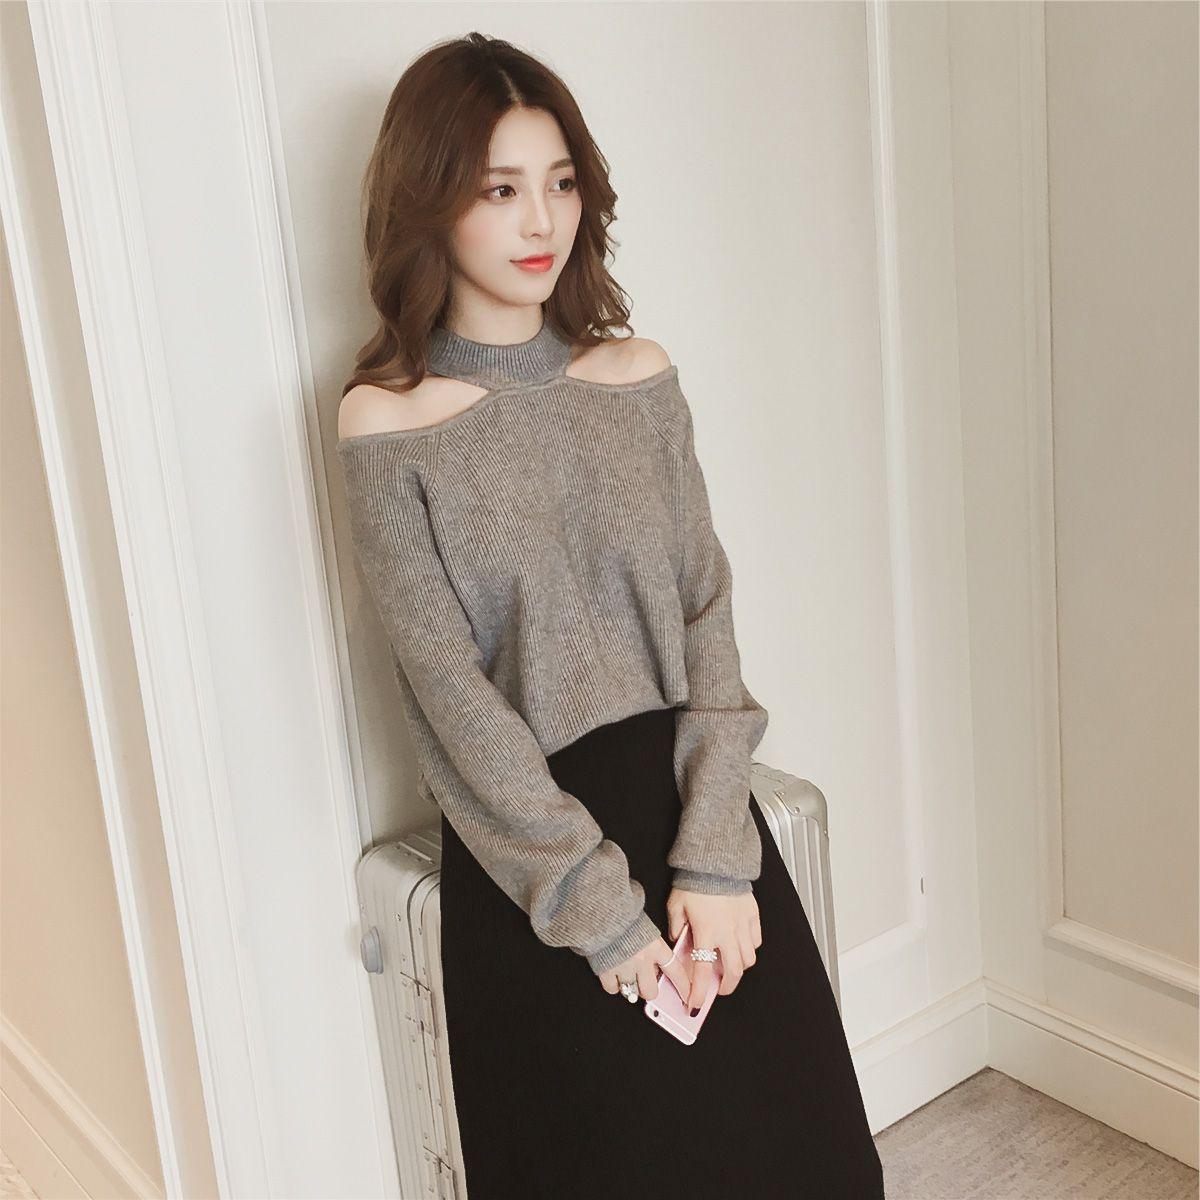 秋冬新款韩版露肩套头针织衫女性感挂脖上衣短款长袖一字领毛衣潮